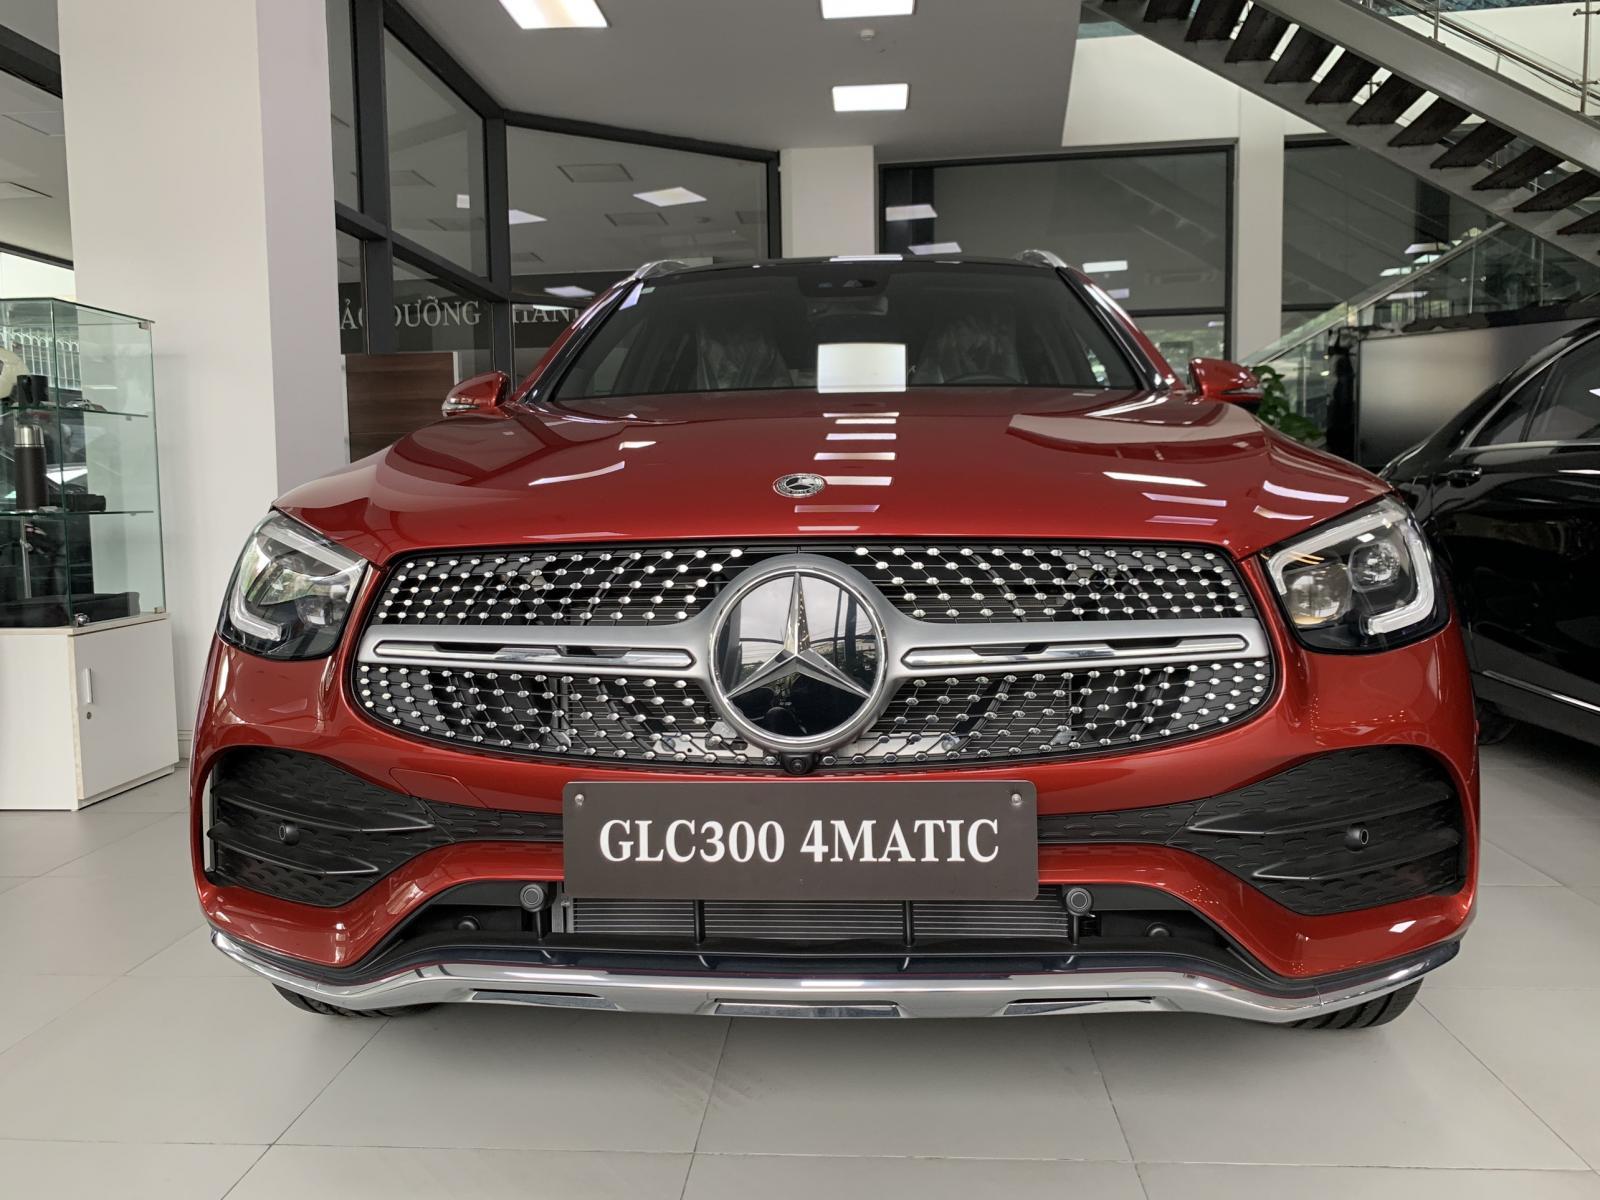 Mercedes Benz GLC 300 4MATIC 2020 Giá cực tốt đã bao gồm lăn bánh